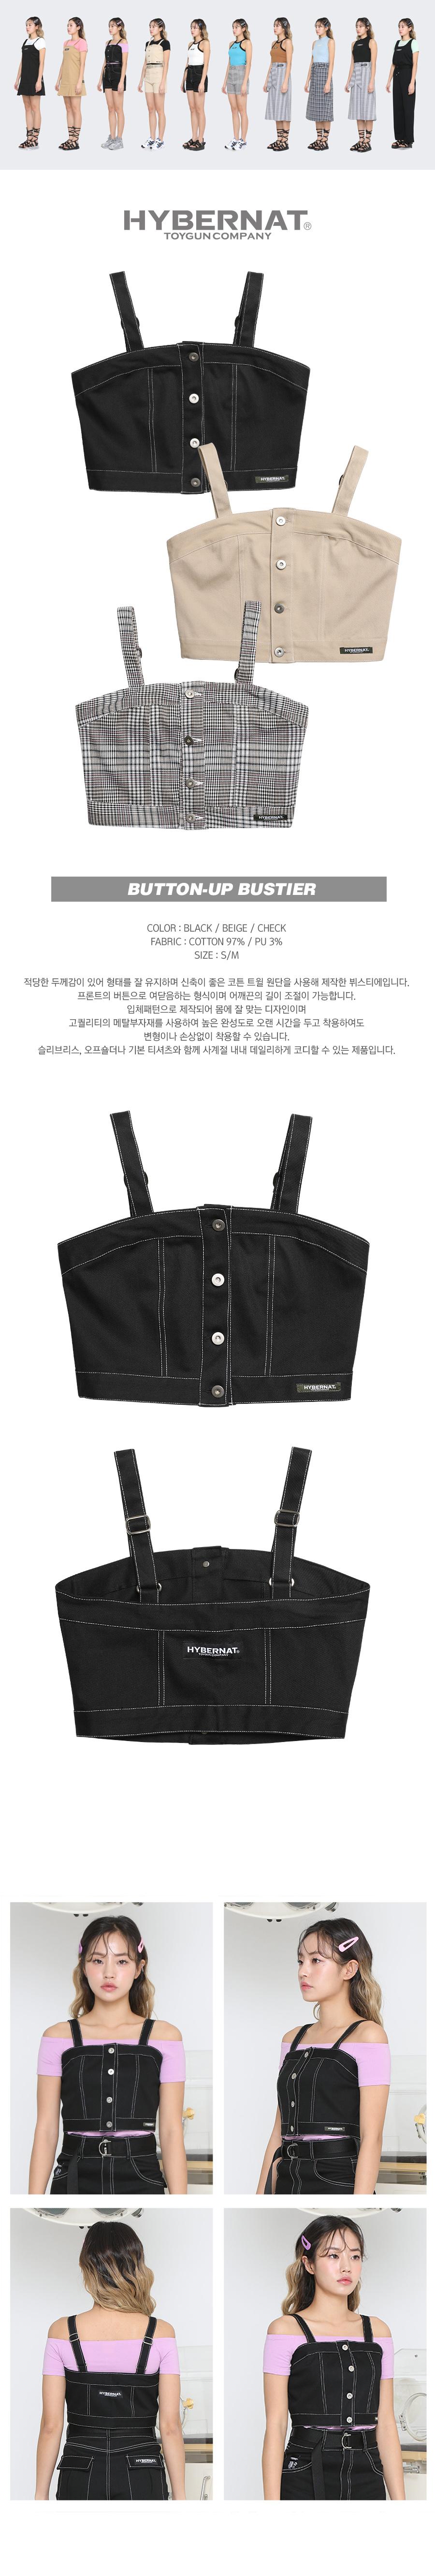 하이버넷(HYBERNAT) Button up bustier-Black